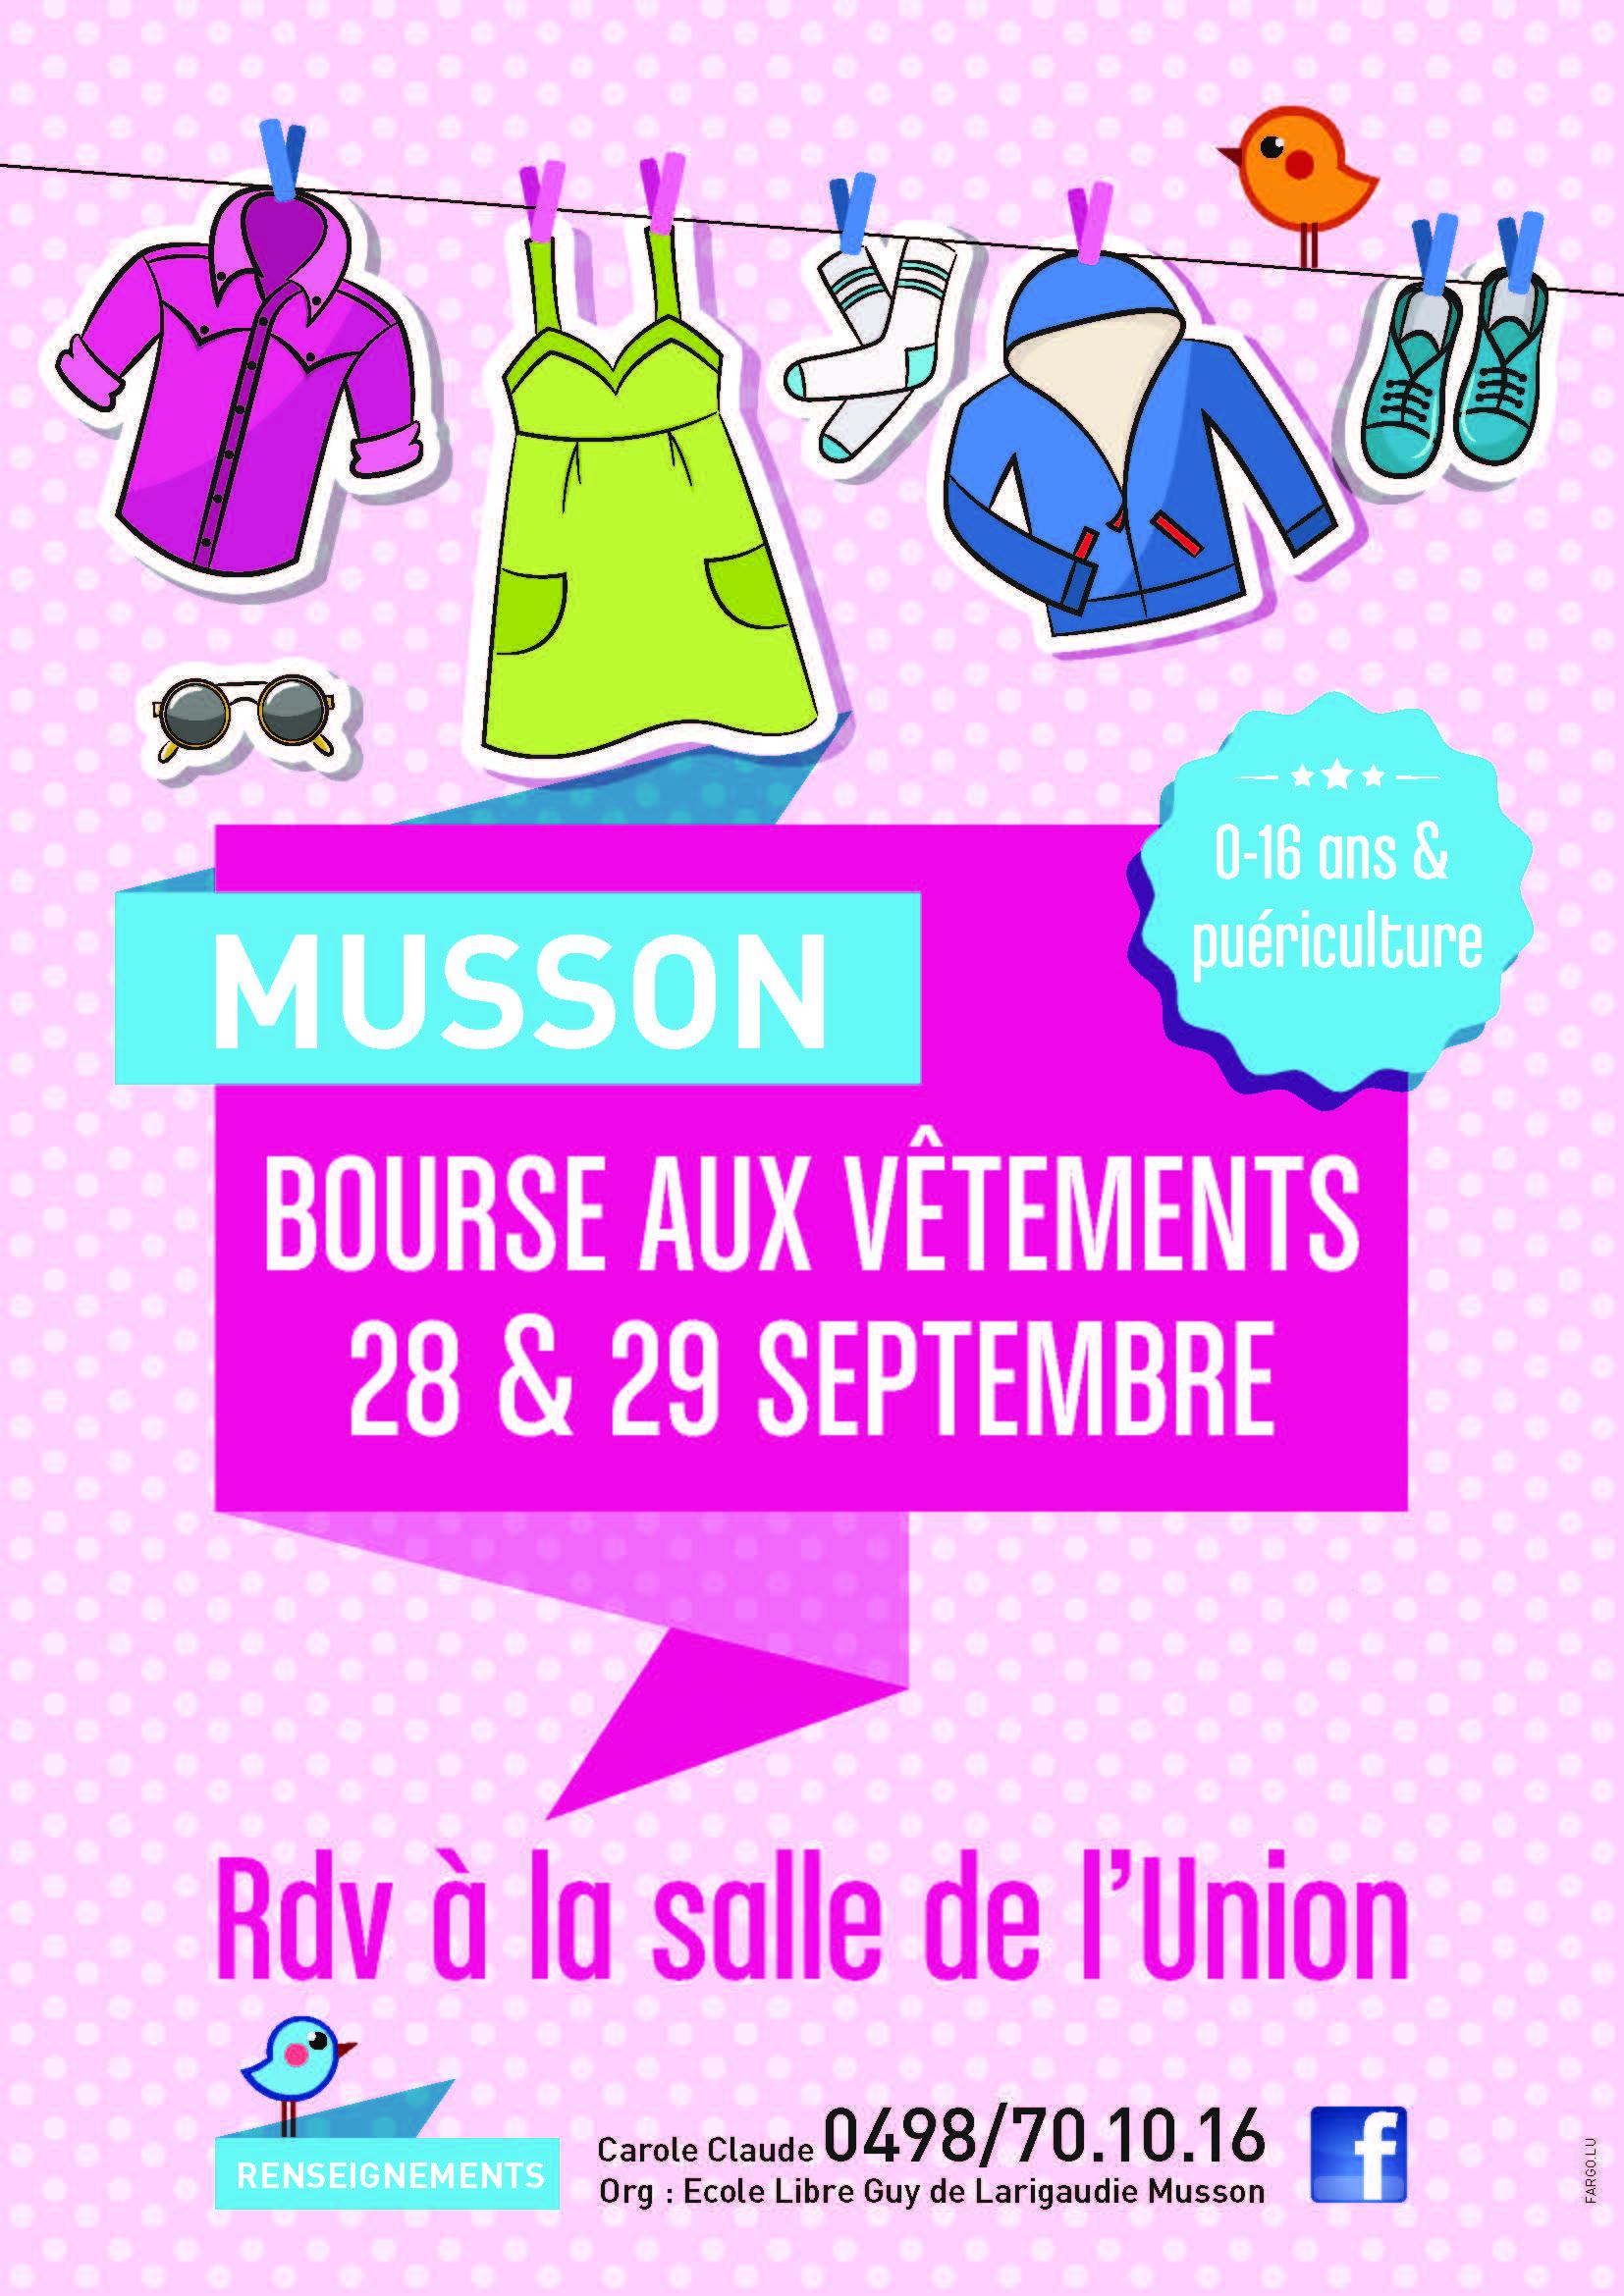 Bourse aux vêtements de l'Ecole  de Musson